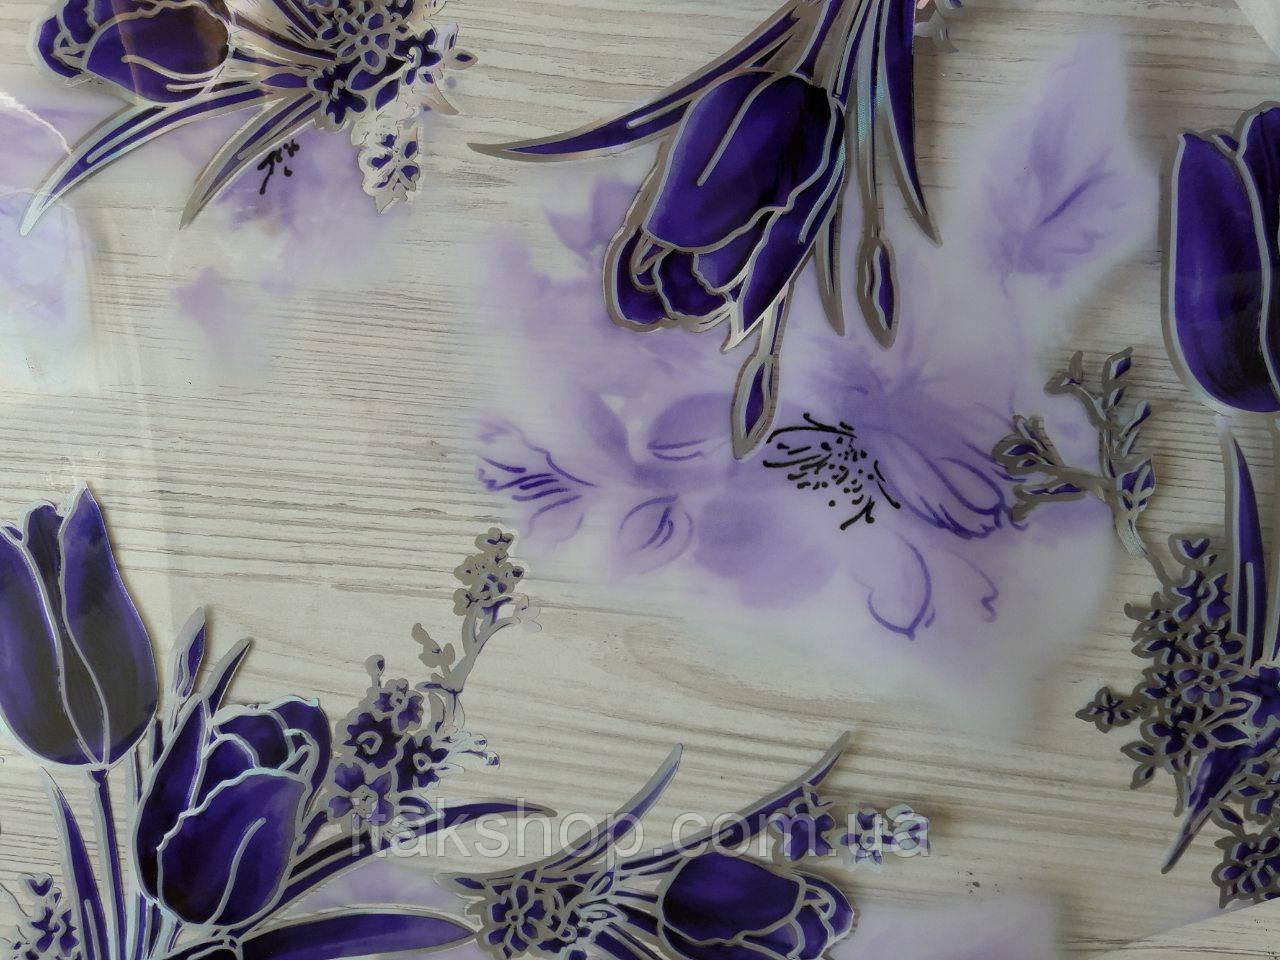 Мягкое стекло Скатерть с лазерным рисунком Soft Glass 2.5х0.8м толщина 1.5мм Фиолетовые тюльпаны